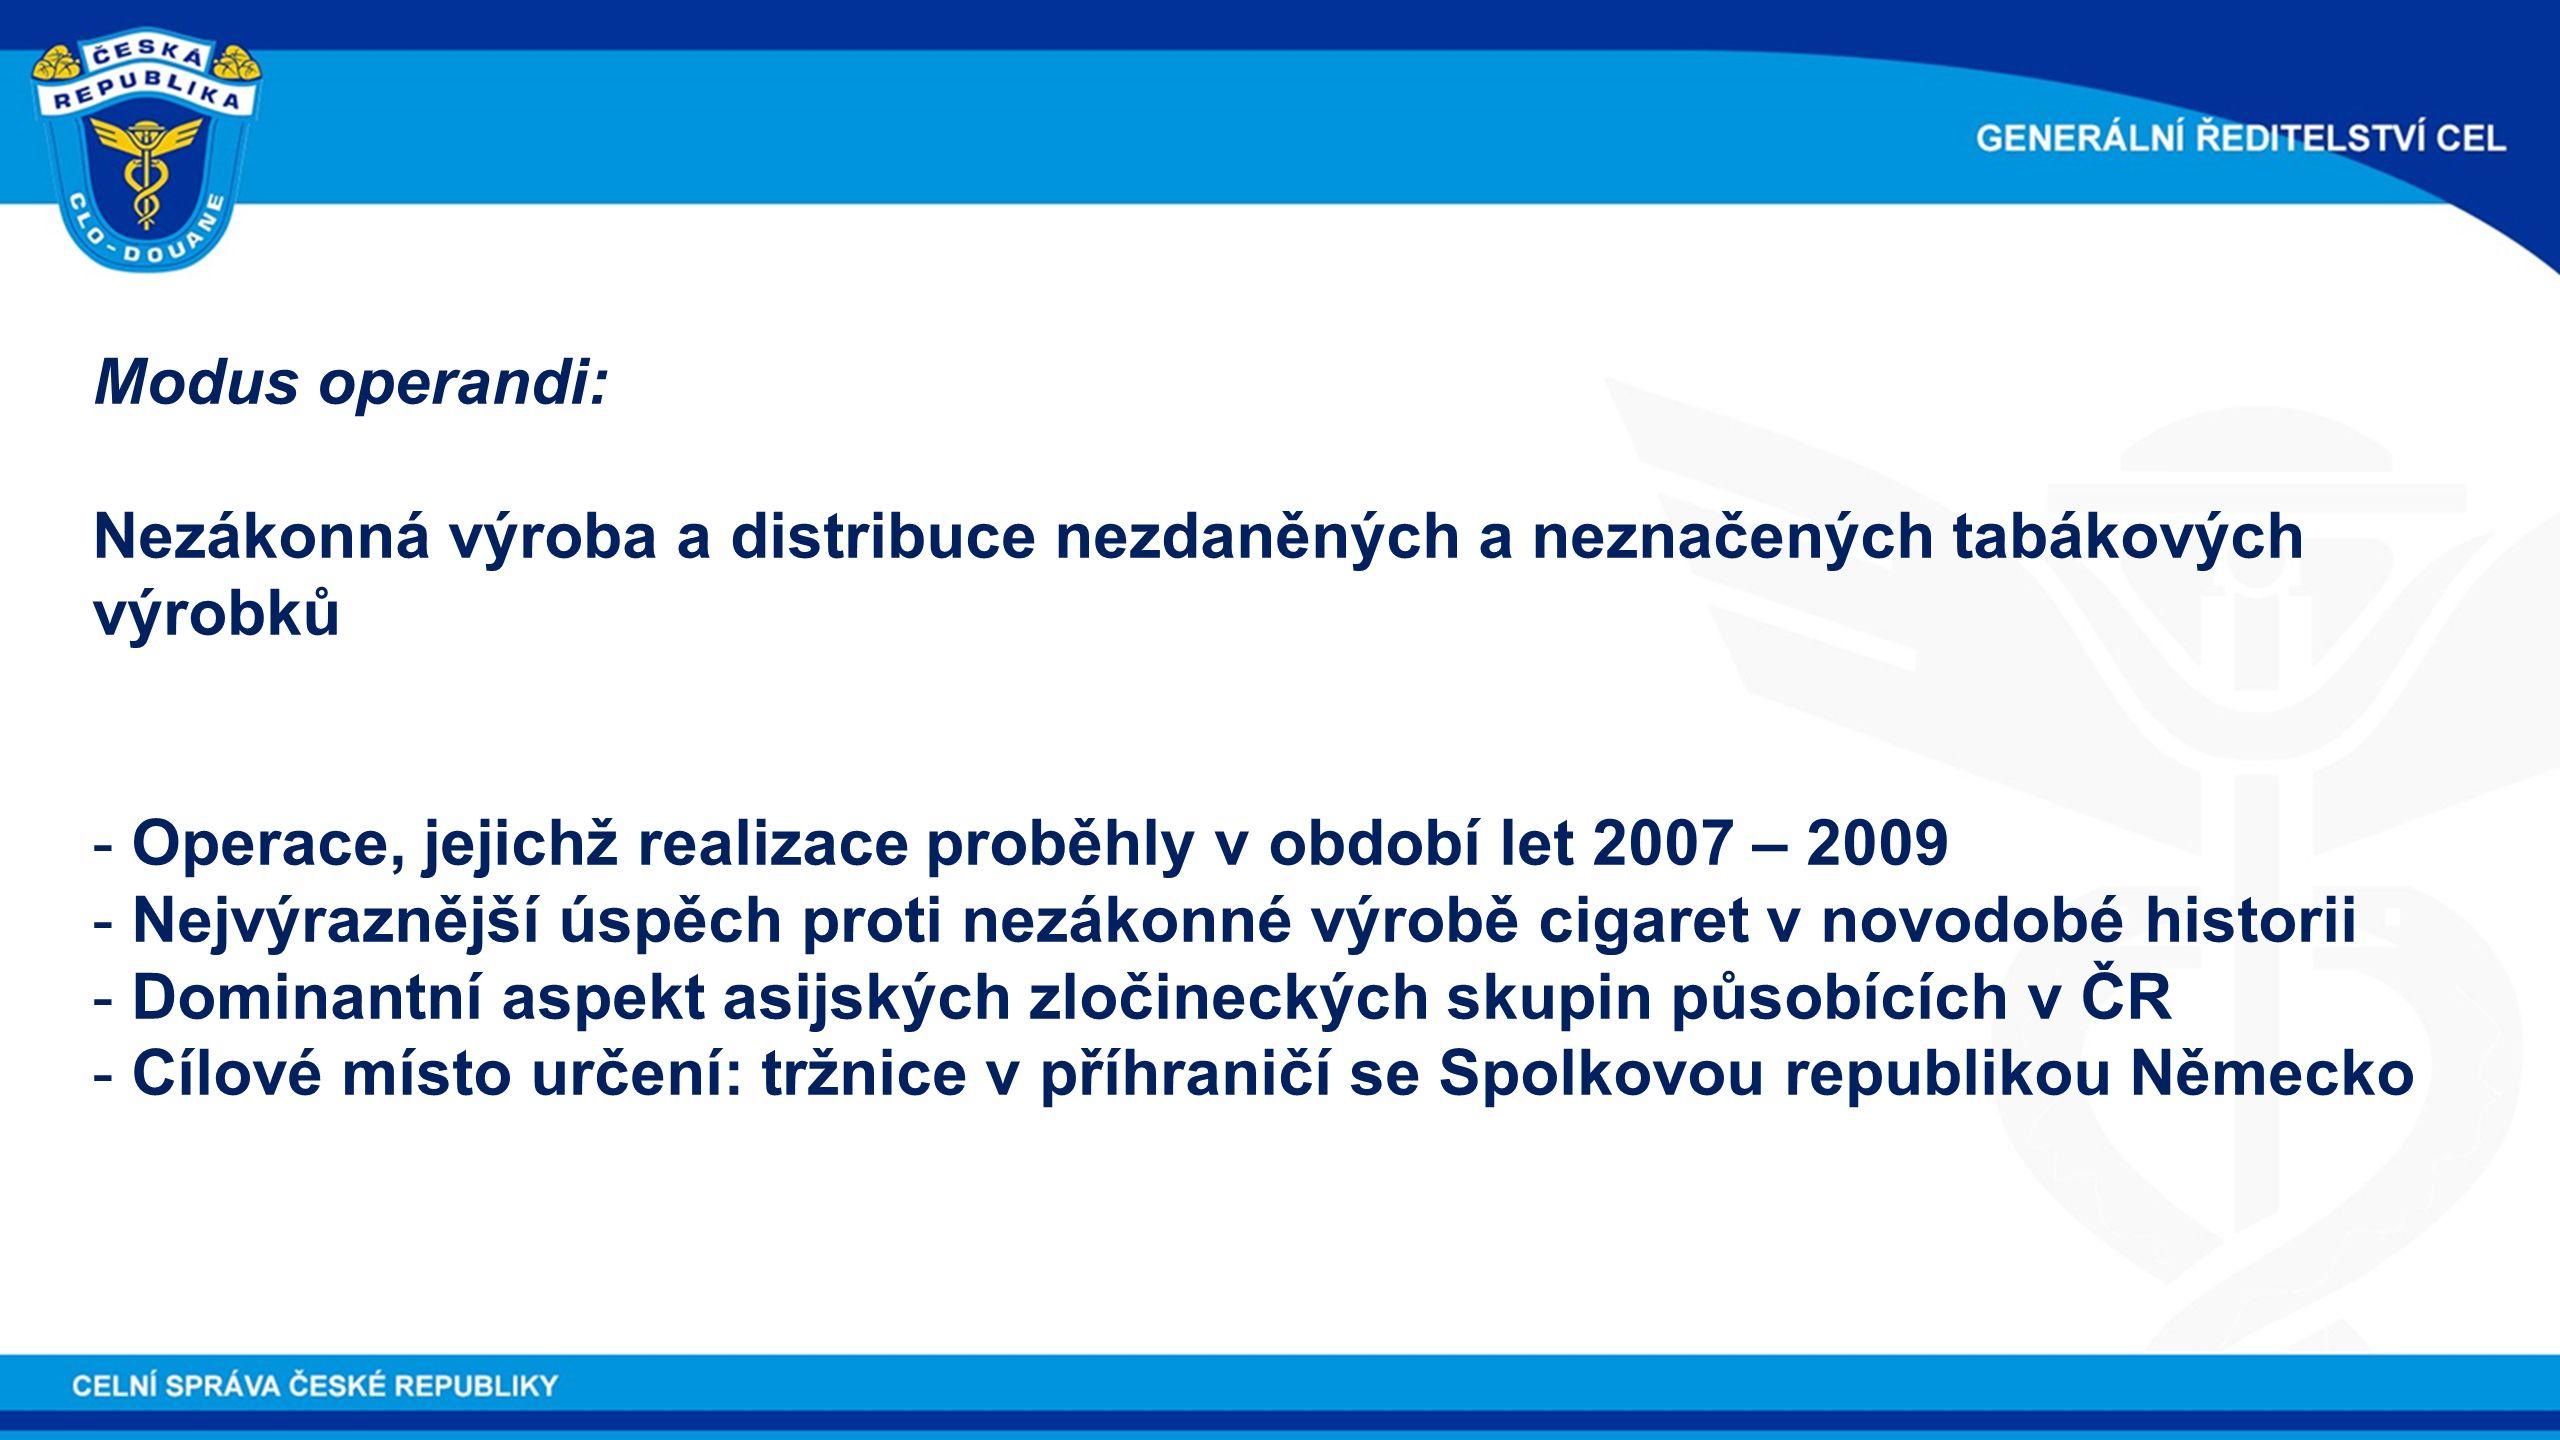 Modus operandi: Nezákonná výroba a distribuce nezdaněných a neznačených tabákových výrobků - Operace, jejichž realizace proběhly v období let 2007 – 2